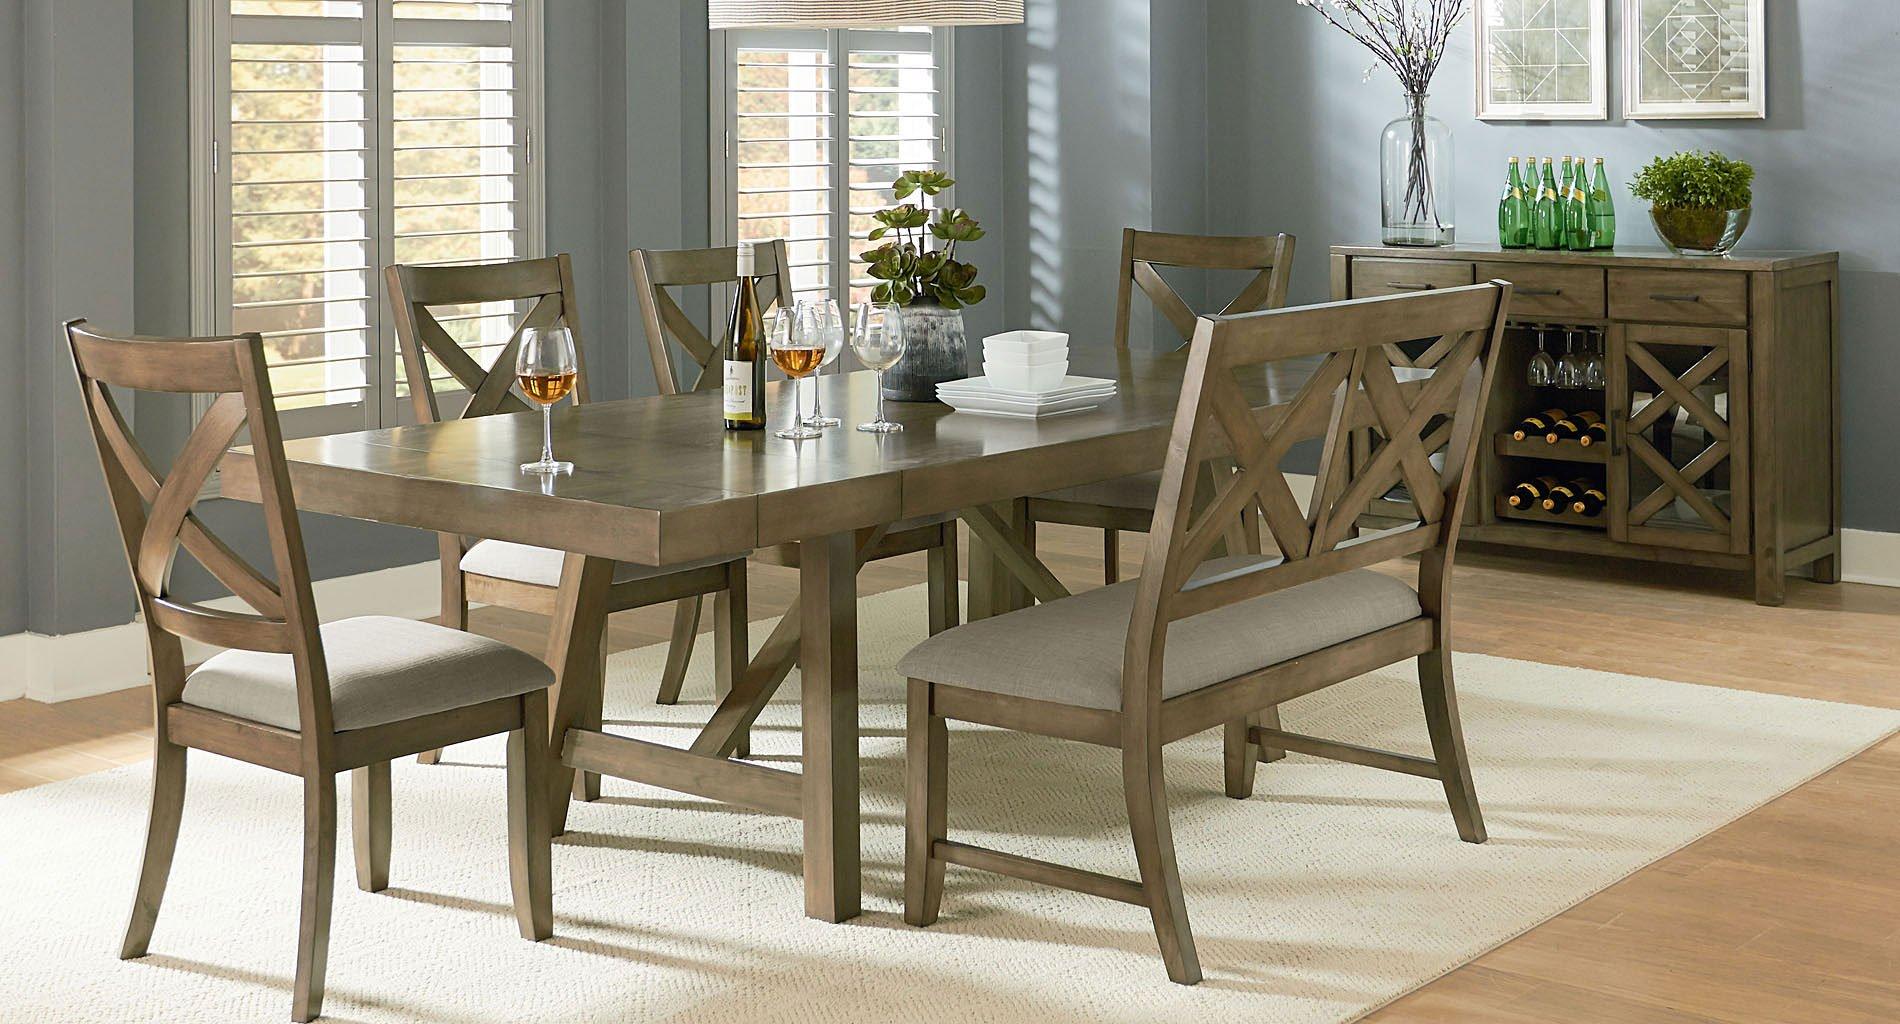 omaha dining room set w x back bench grey standard furniture furniture cart. Black Bedroom Furniture Sets. Home Design Ideas